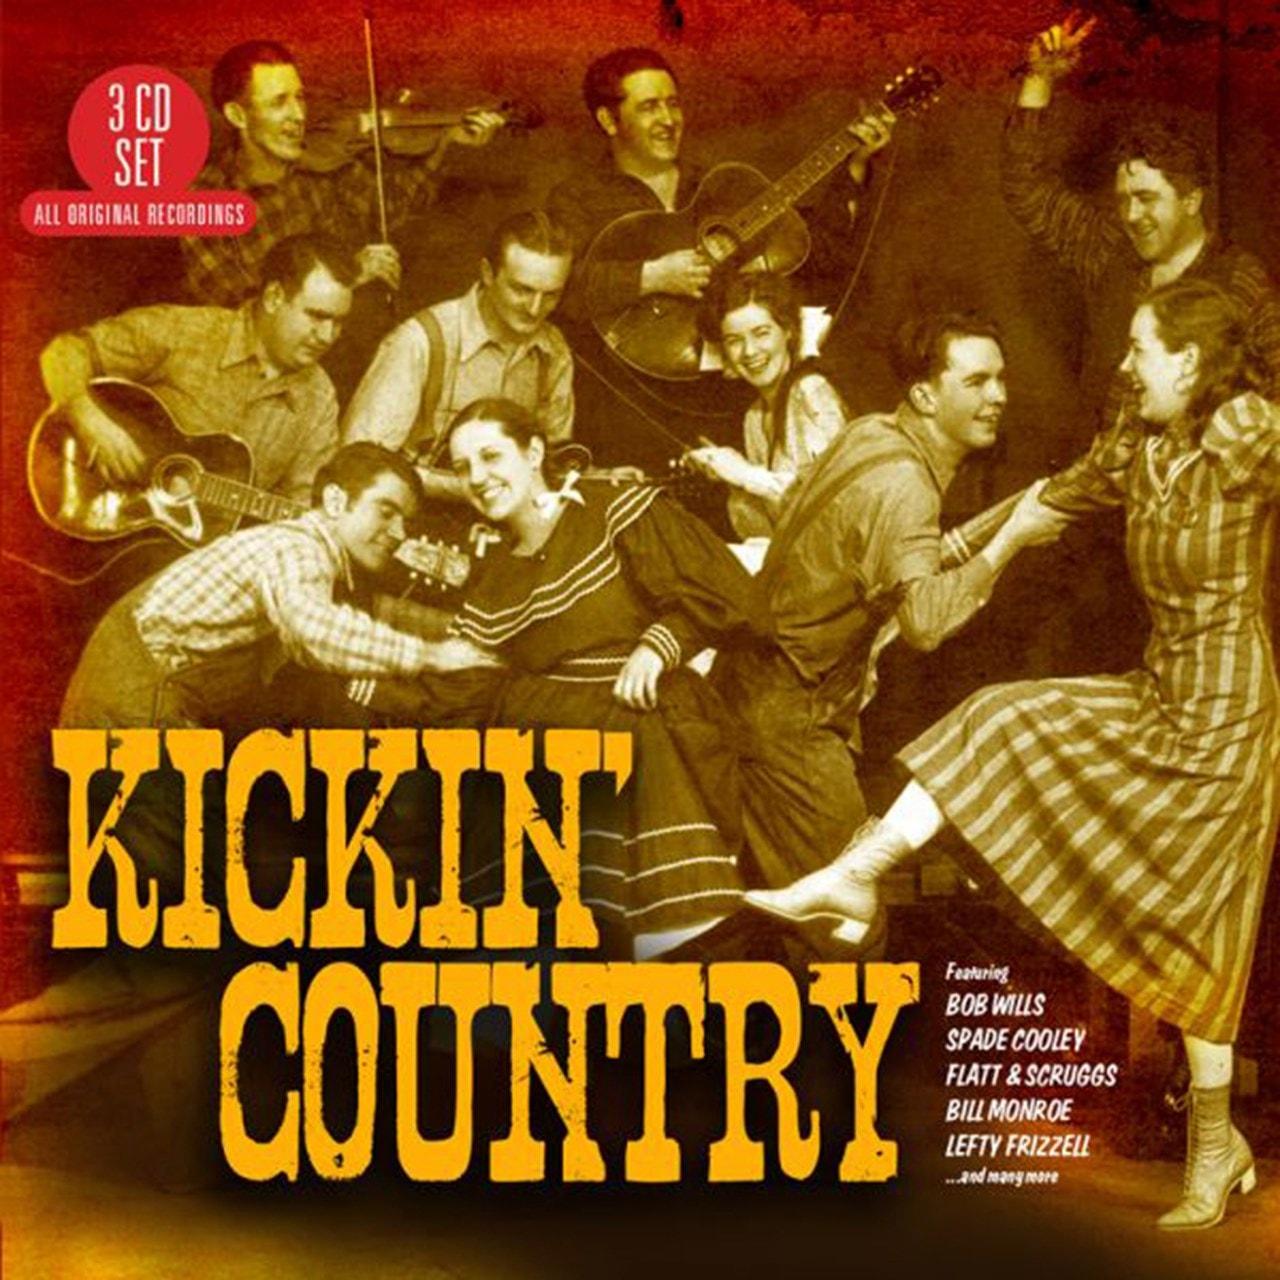 Kickin' Country - 1